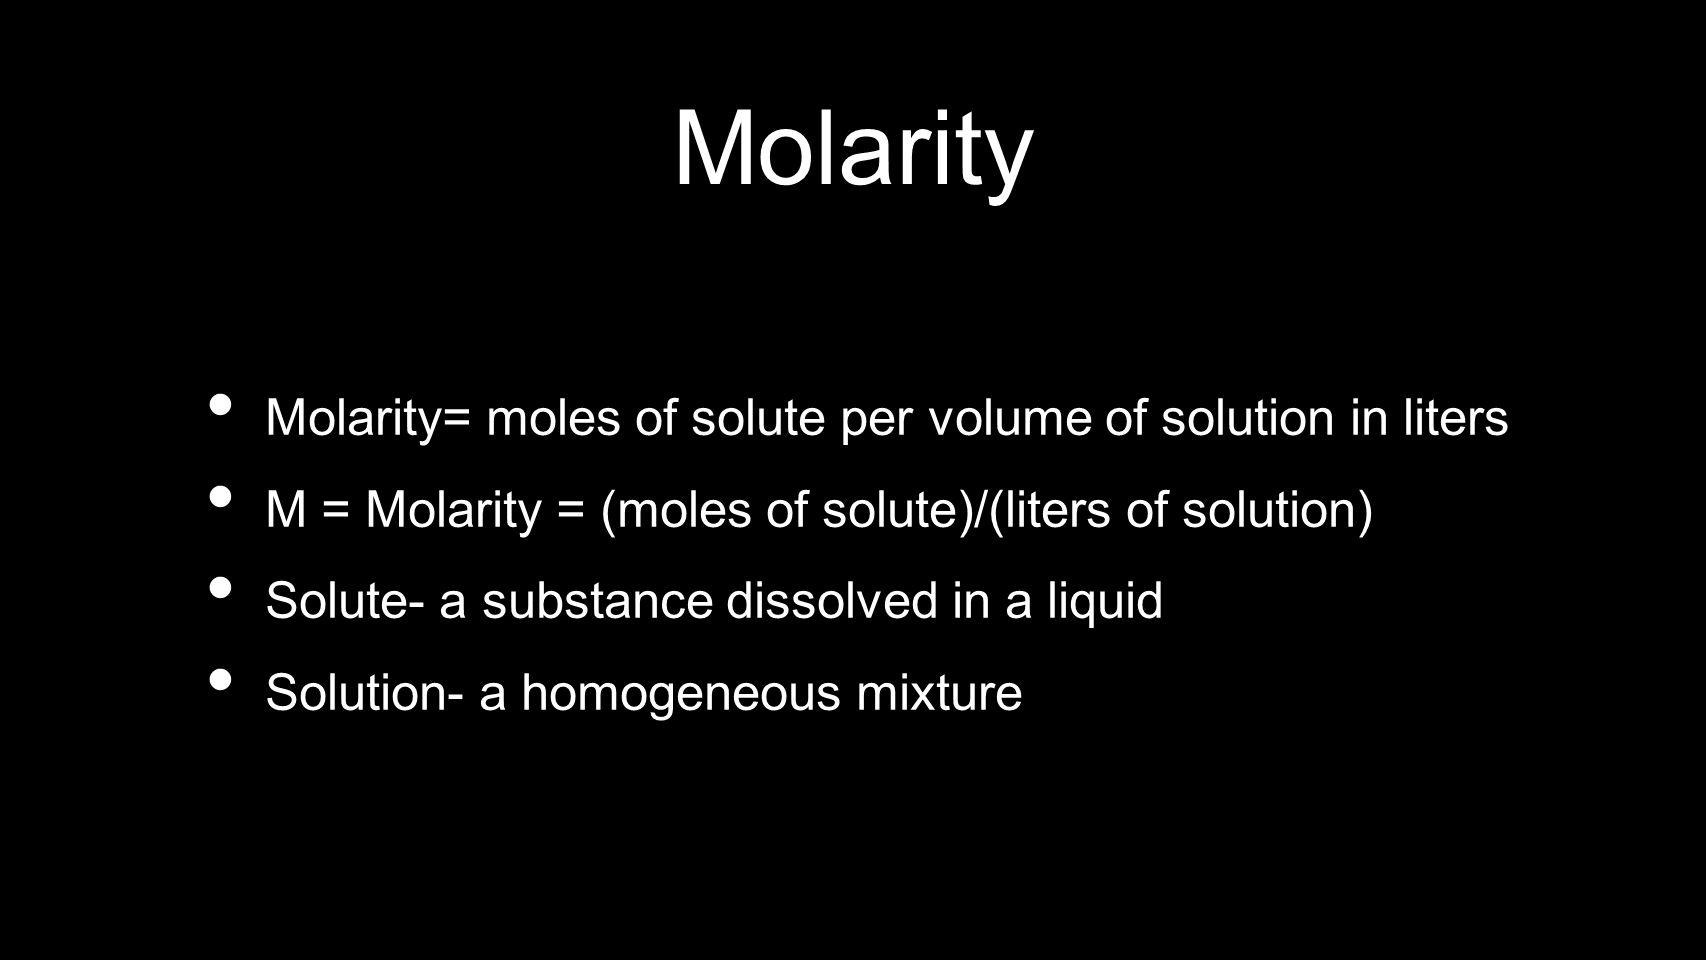 Molarity Molarity= moles of solute per volume of solution in liters M = Molarity = (moles of solute)/(liters of solution) Solute- a substance dissolve